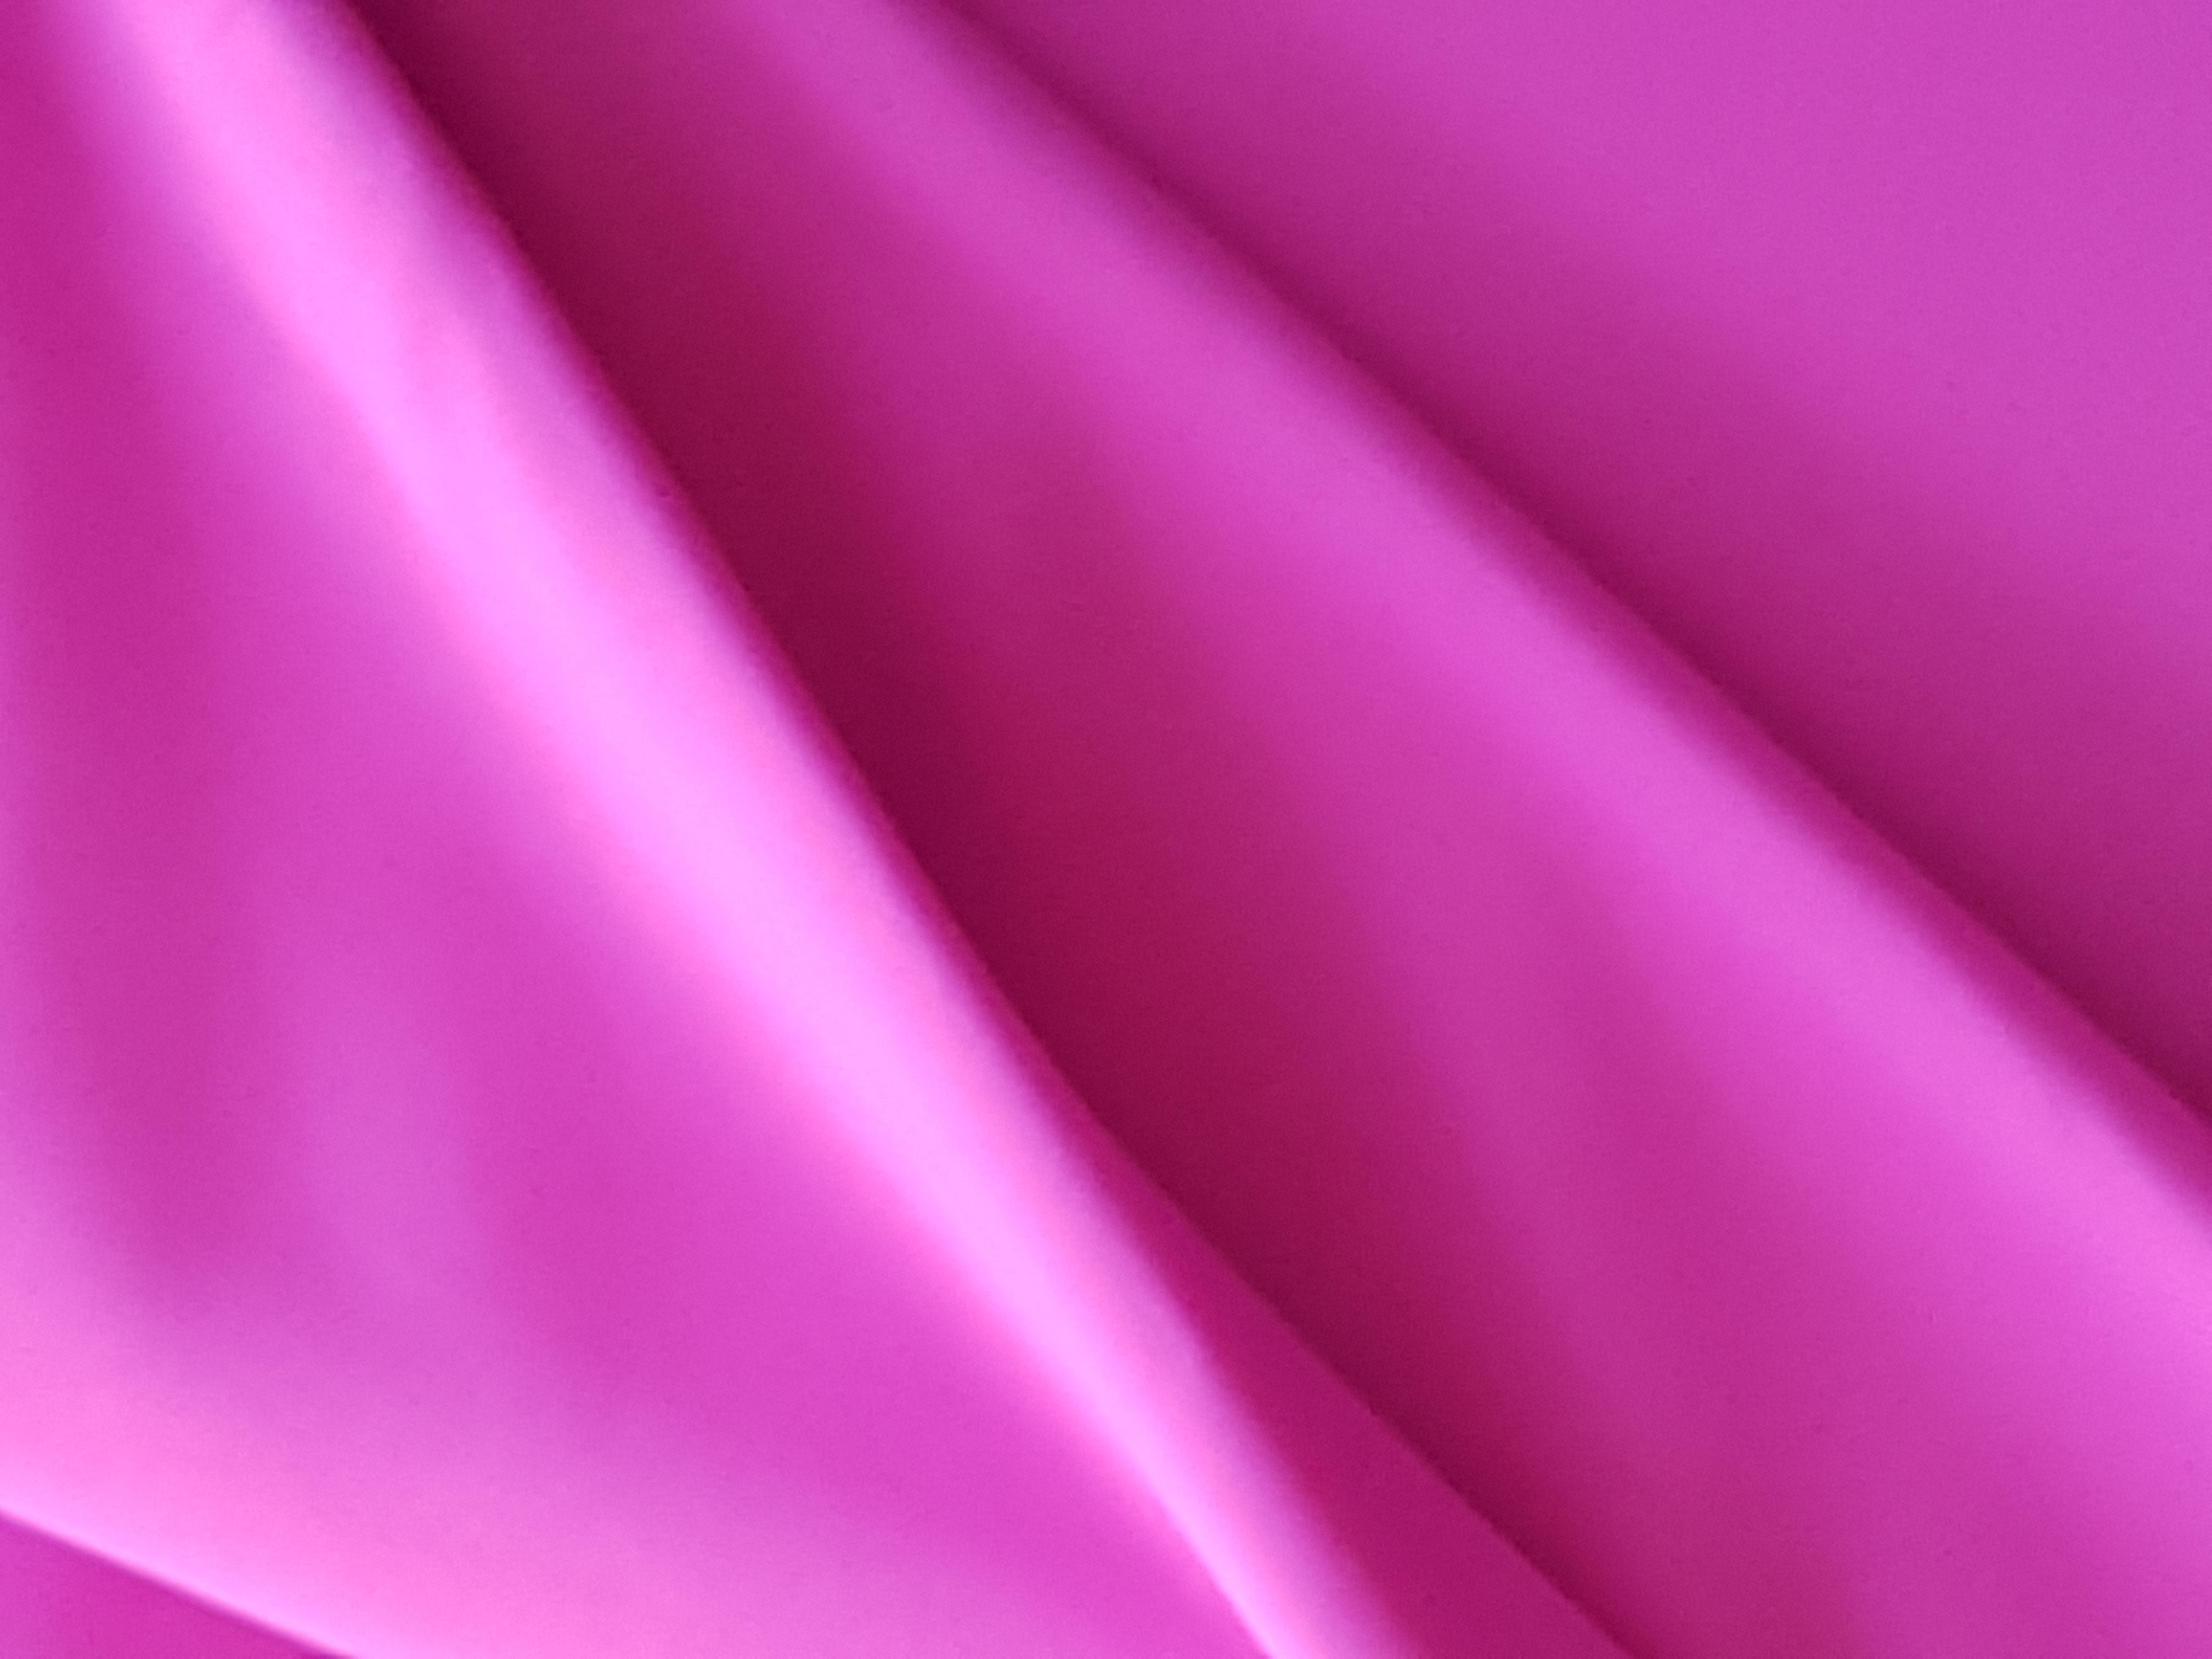 uv sonnenschutz stoff farbe pink upf 80 uv standard 801 zum selber verarbeiten marke hyphen. Black Bedroom Furniture Sets. Home Design Ideas